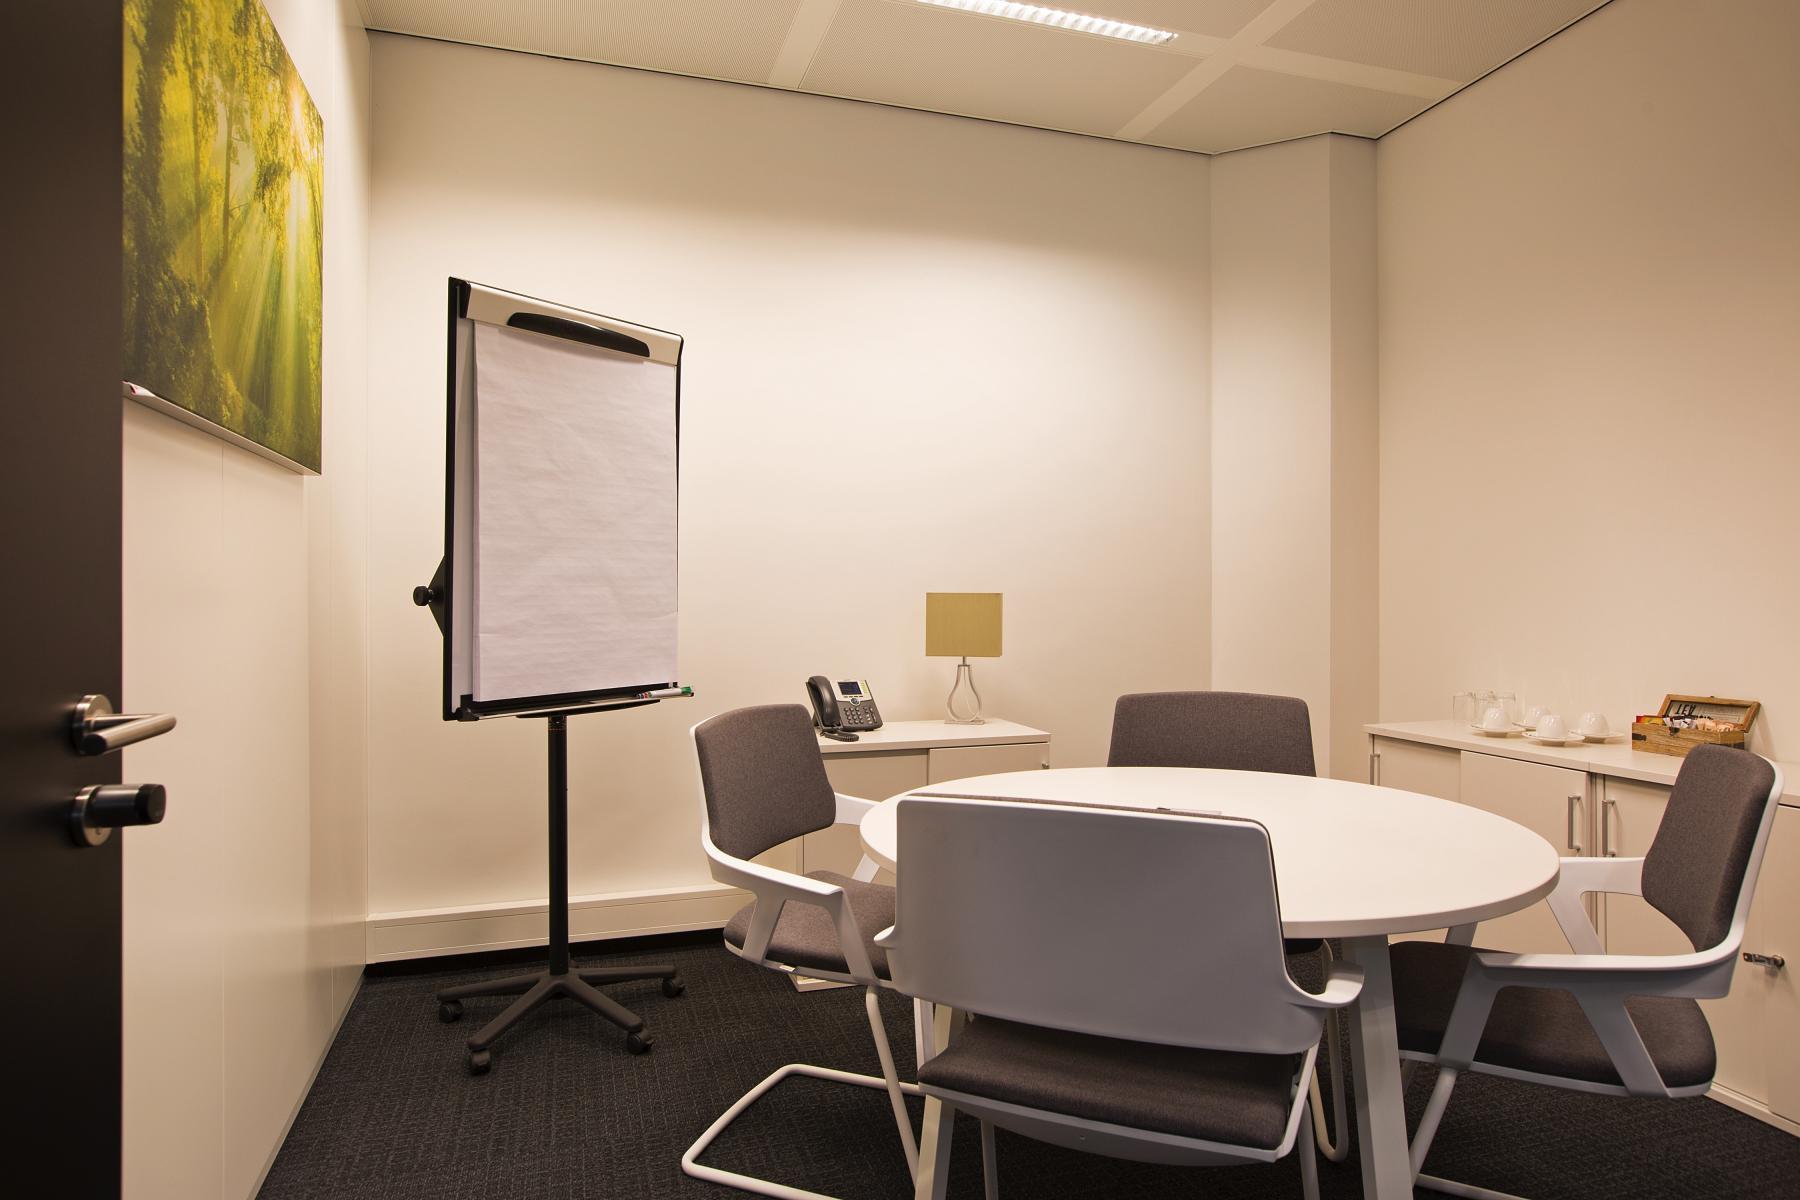 spreekruimte vergaderruimte presentatieruimte ingericht gemeubileerd presentatiemogelijkheden amsterdam zuid zuidas strawinskylaan